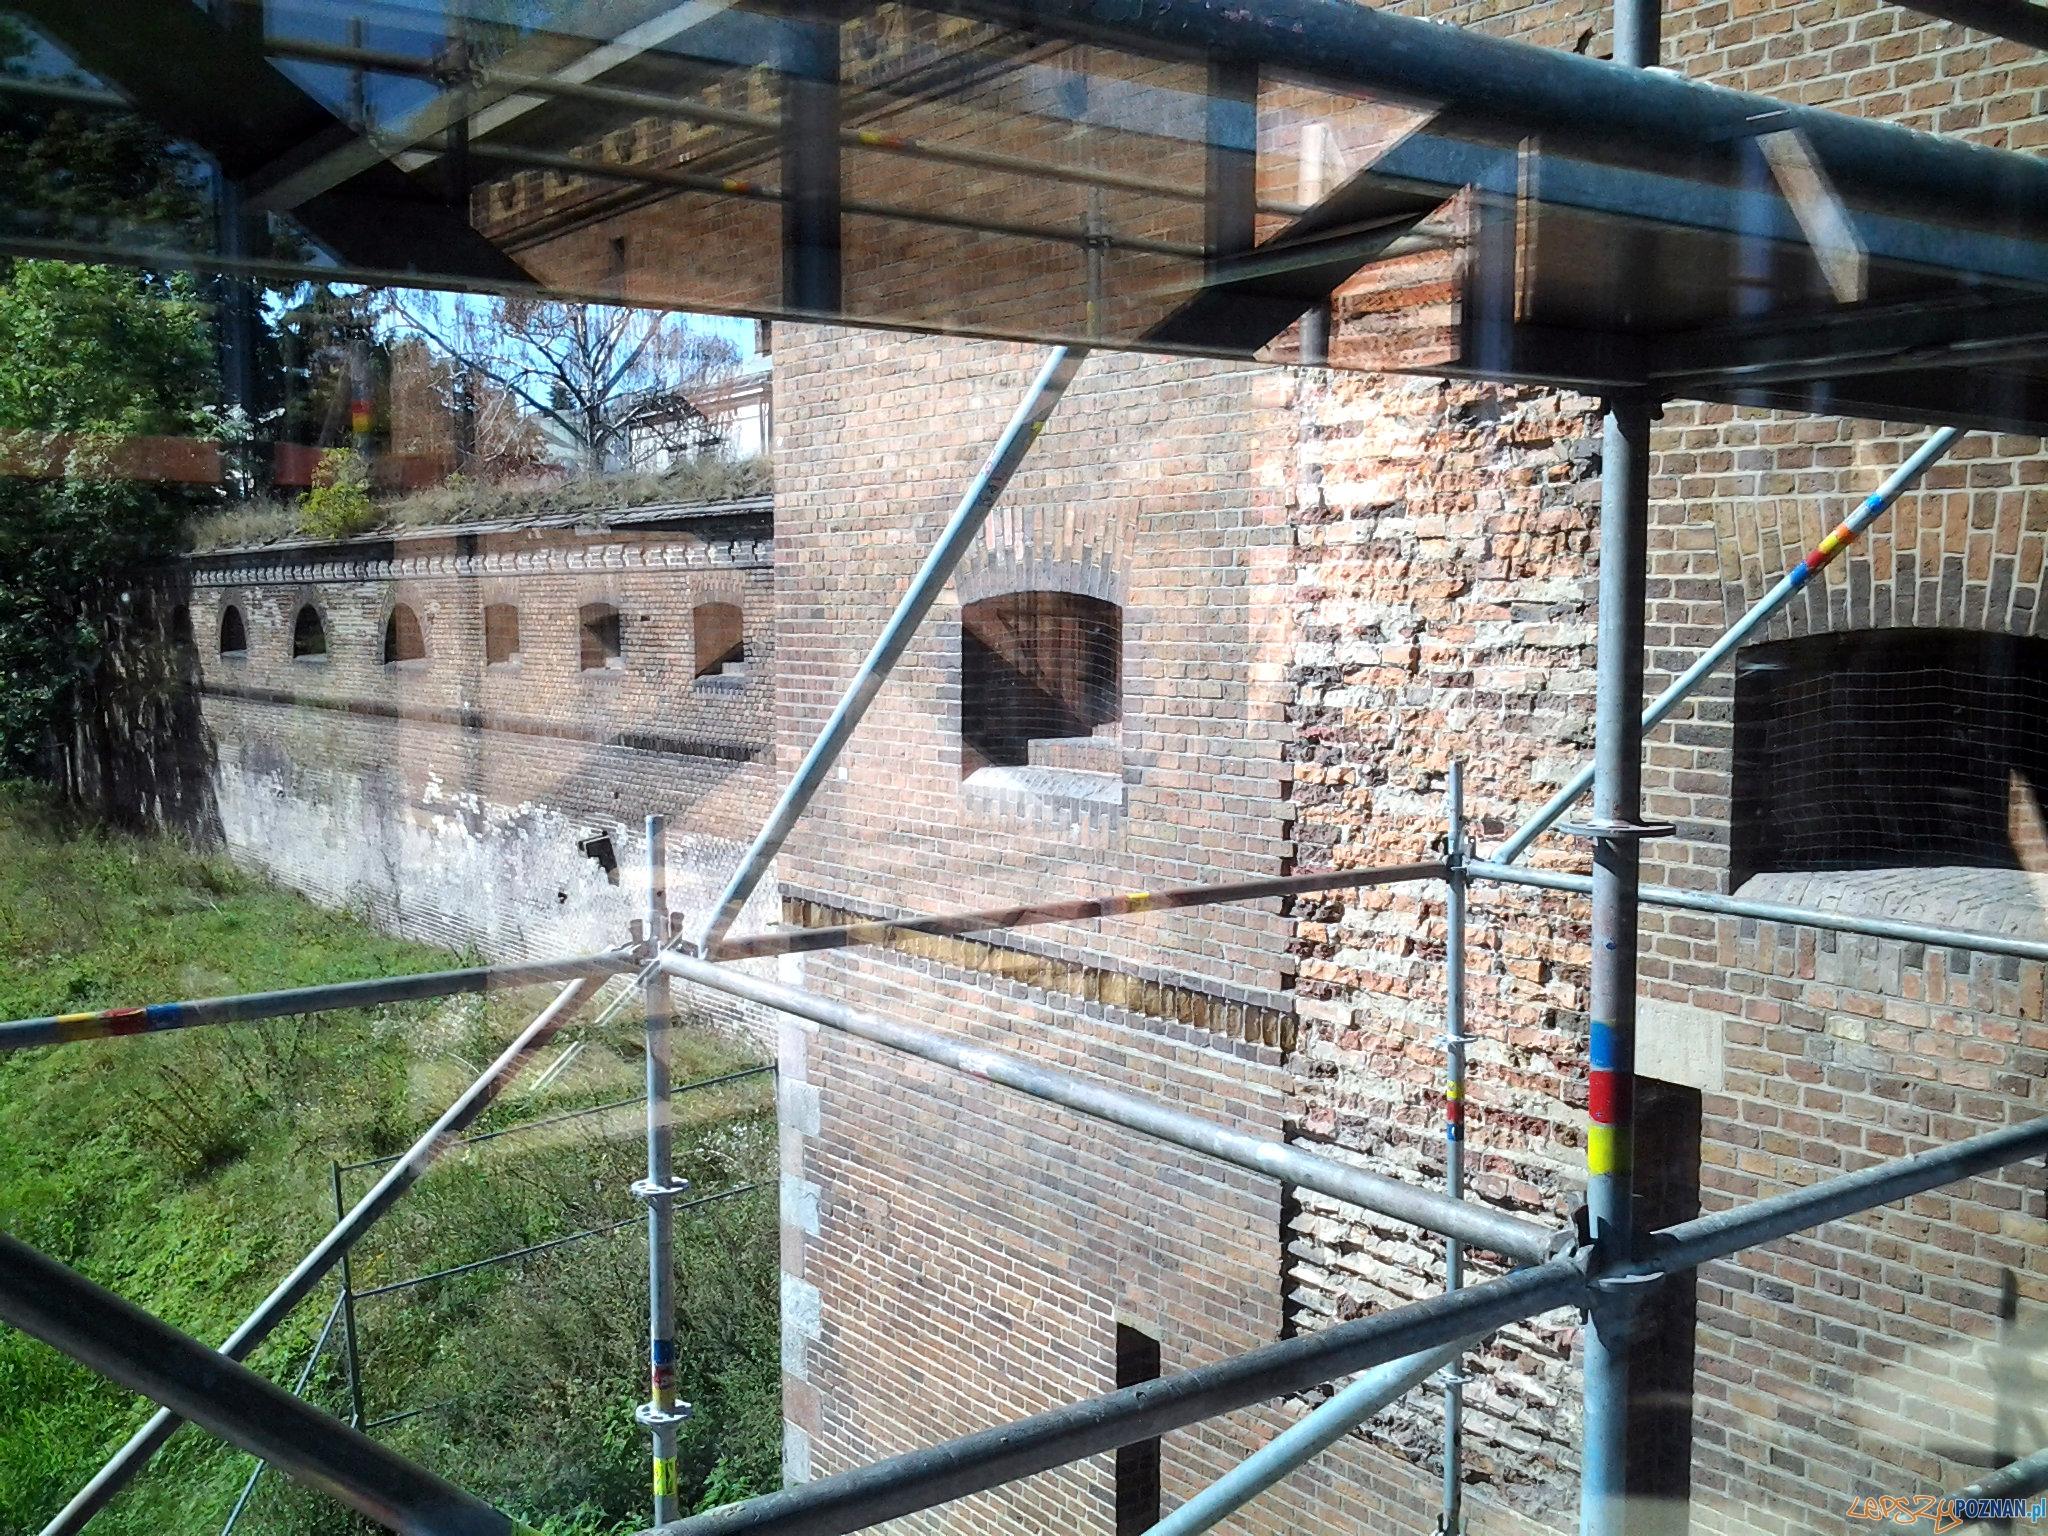 ICHOT Brama Poznania - prace budowlane 08.2013  Foto: lepszyPOZNAN.pl / tab 10.1